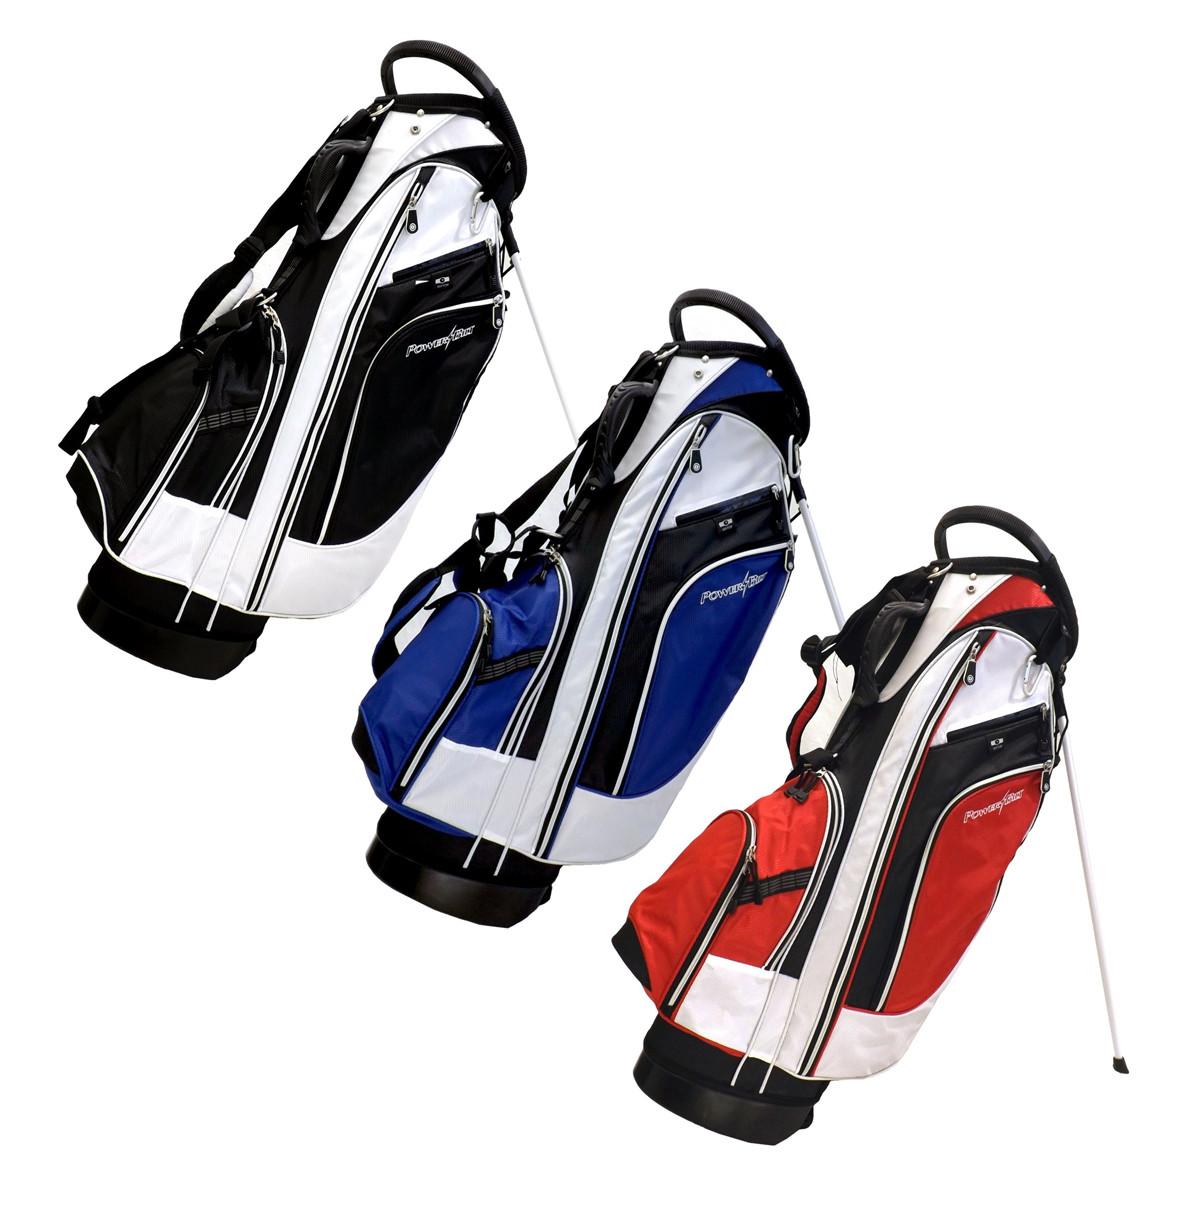 Powerbilt Voltage Stand Bag - Powerbilt Golf